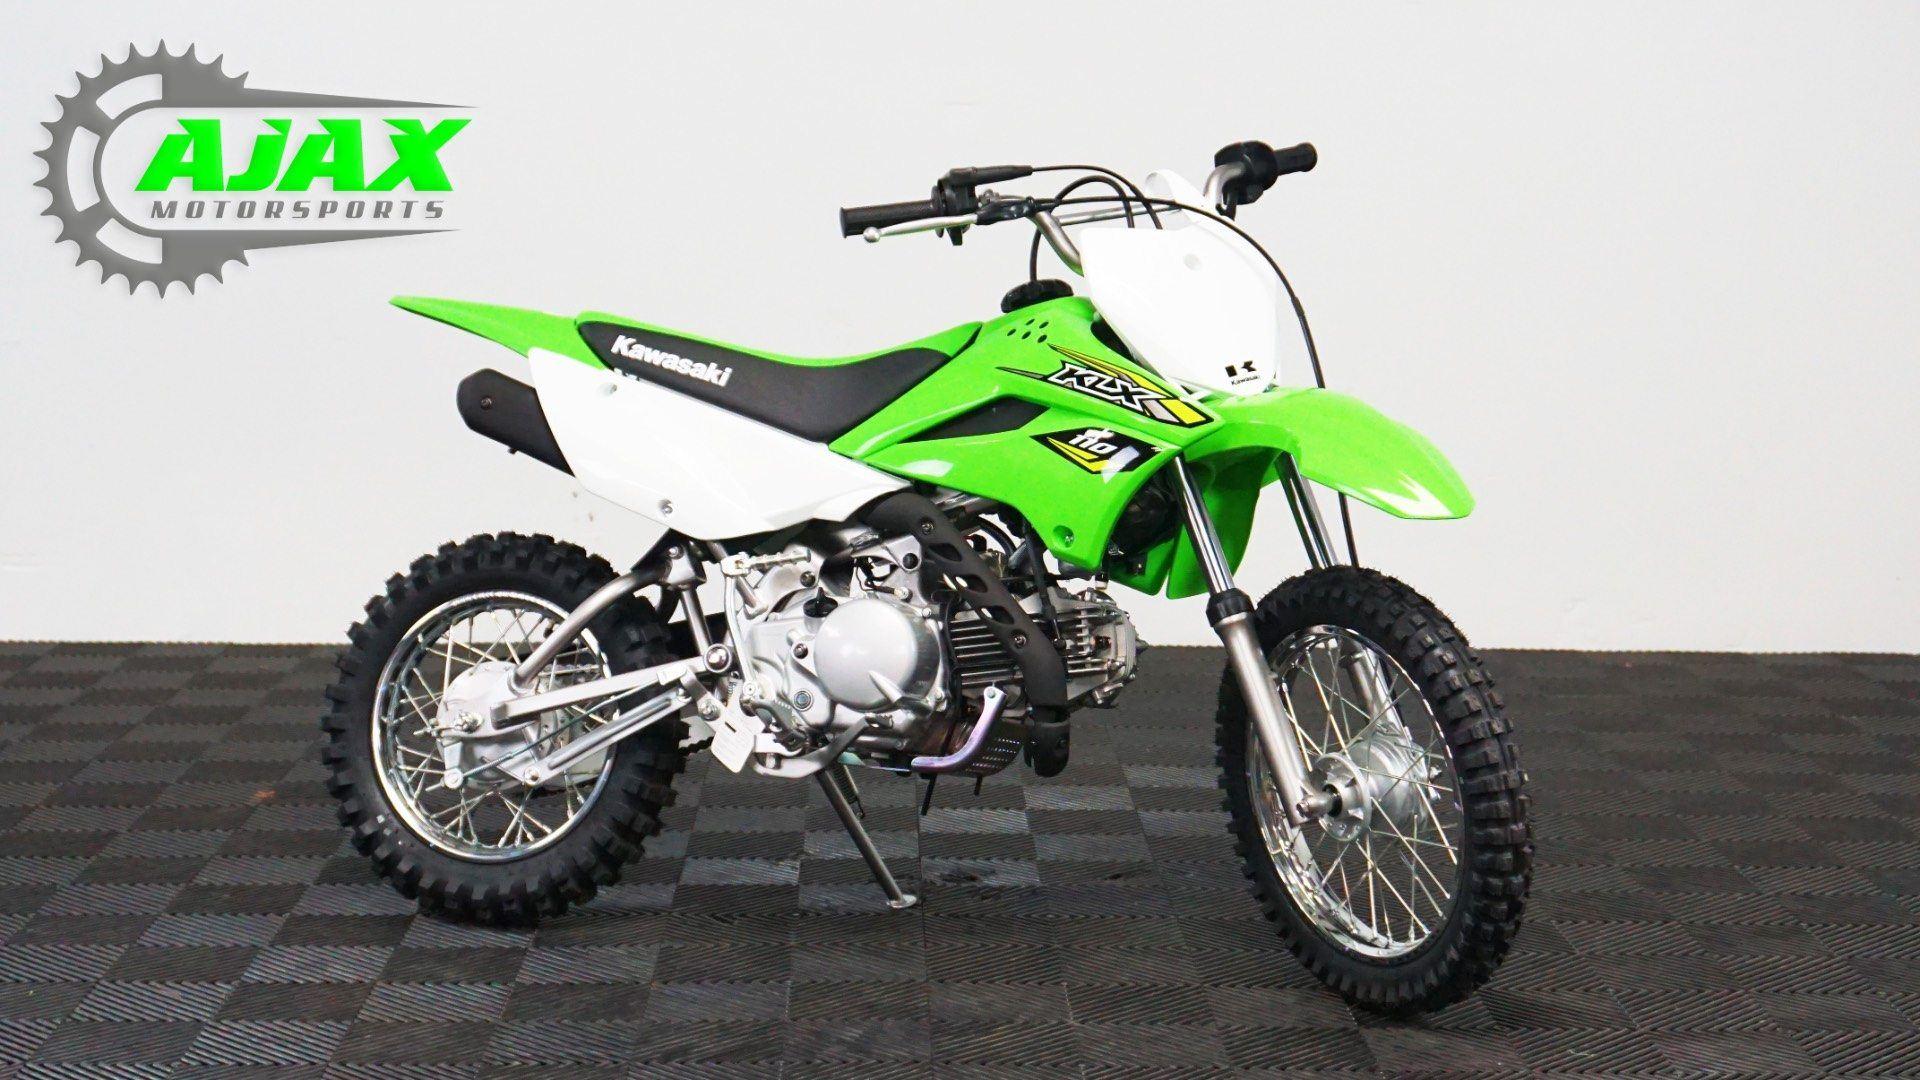 New 2018 Kawasaki KLX 110 Motorcycles in Oklahoma City, OK | Stock ...